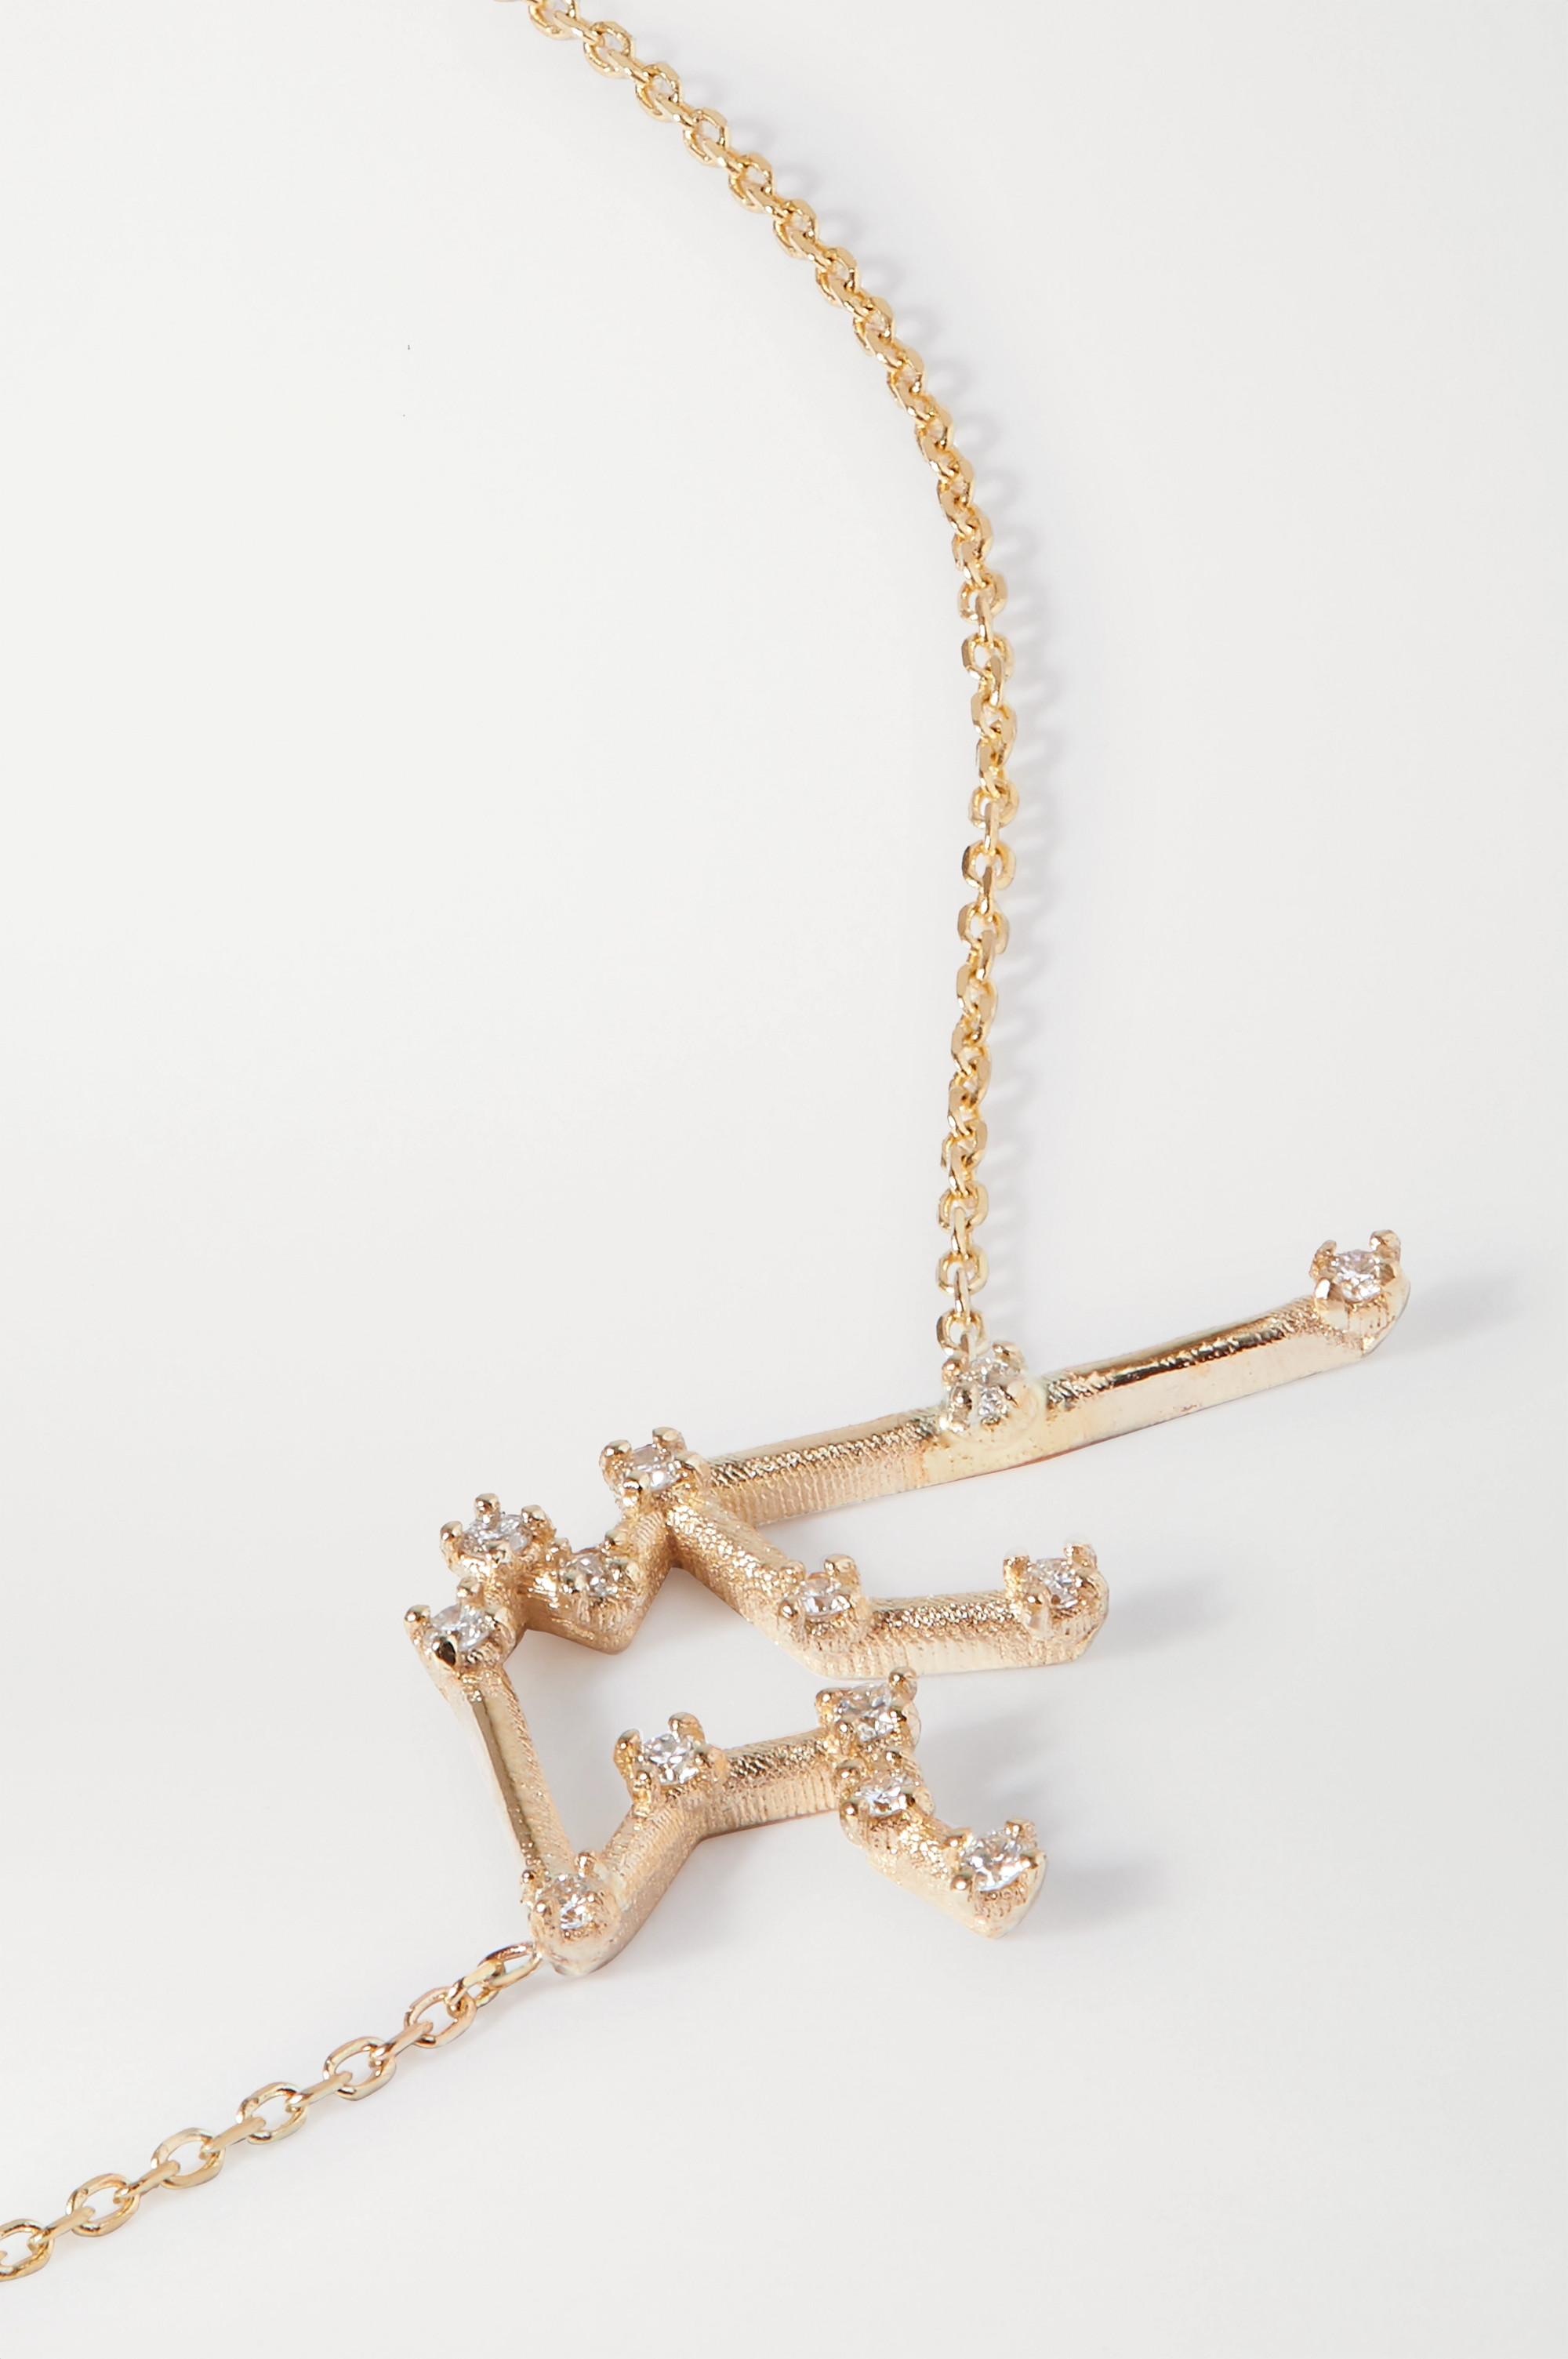 Gold Celestial Aquarius 10-karat Diamond Necklace | Sarah & Sebastian